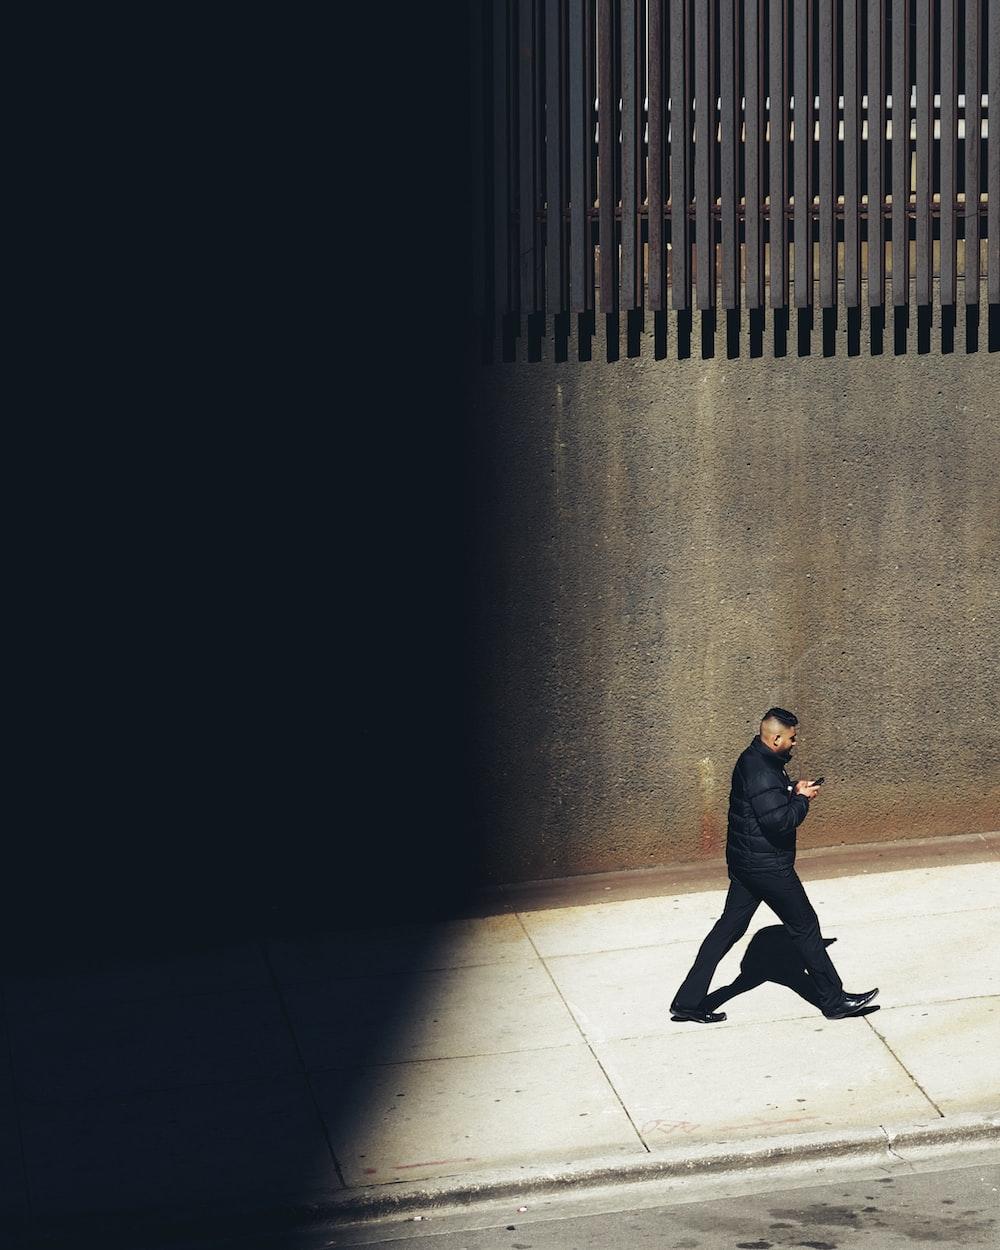 man in black jacket walking on brown floor